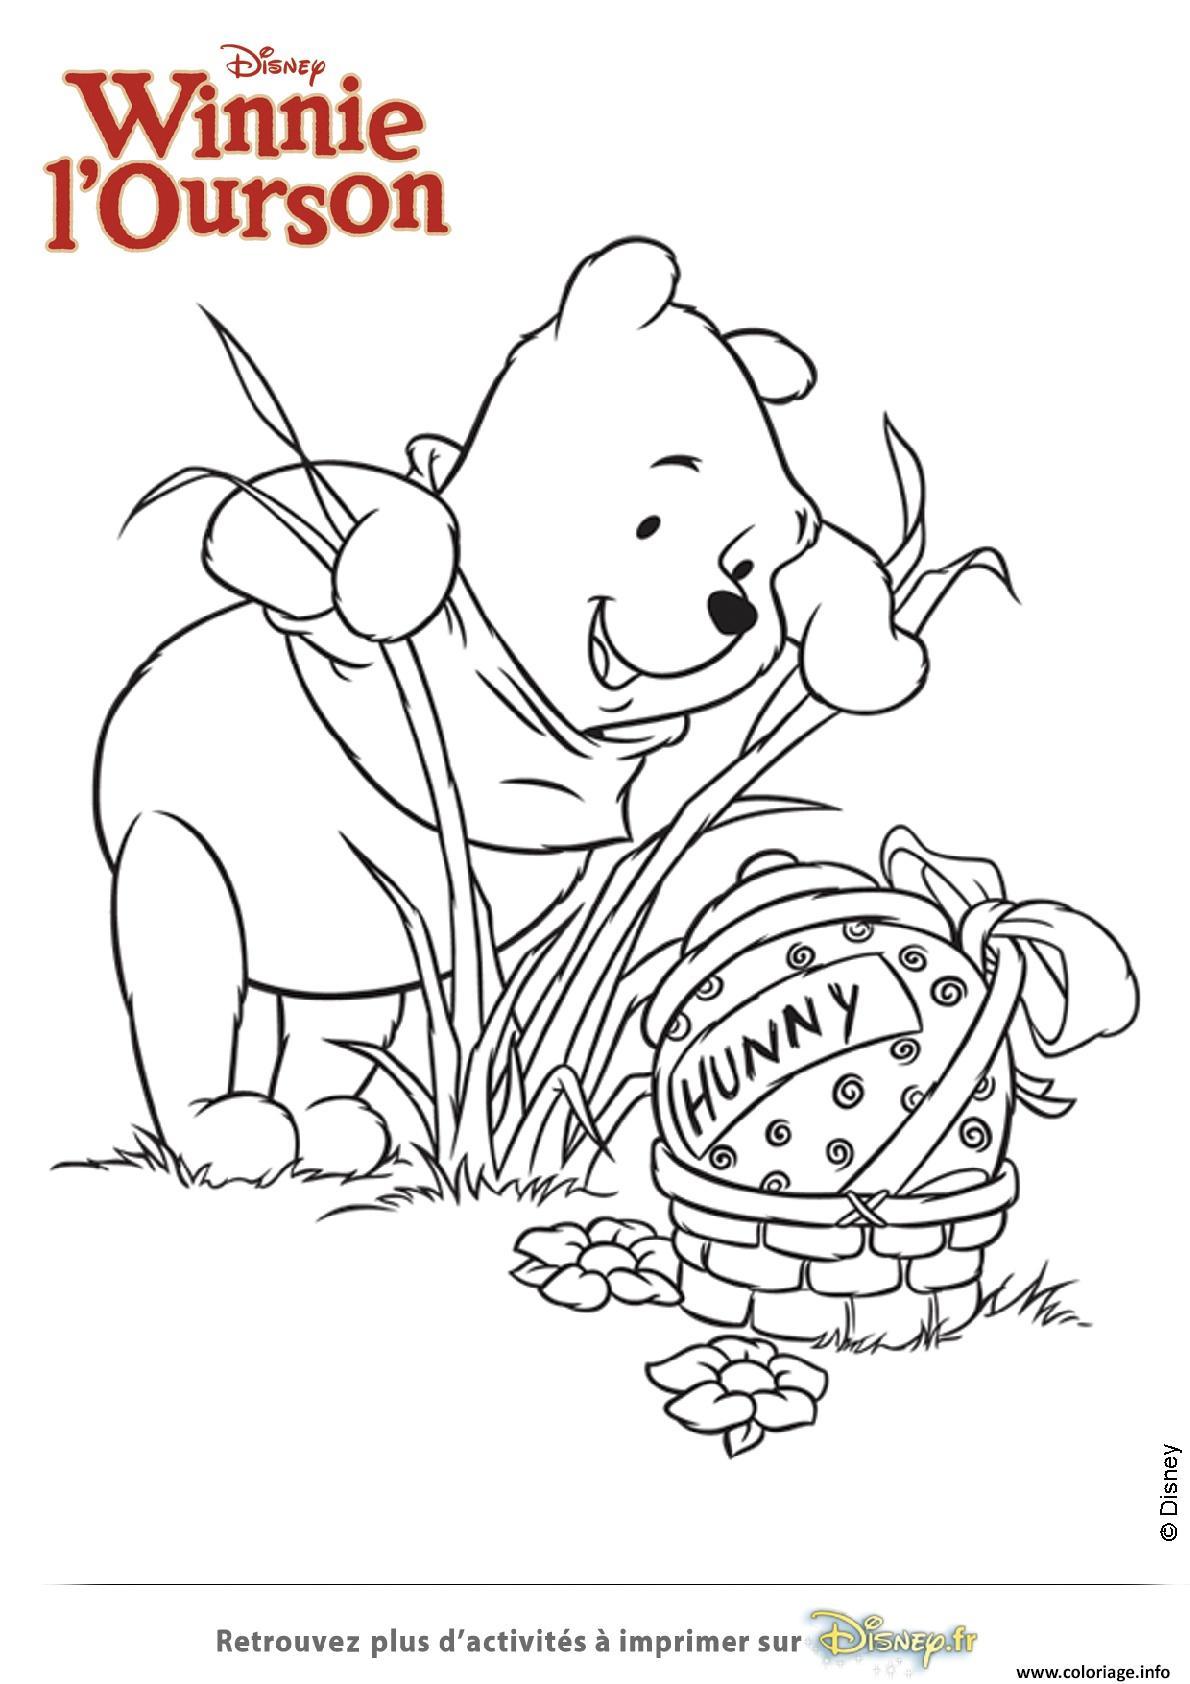 Coloriage winnie ourson trouve un gros oeuf dessin - Dessin ourson a imprimer ...